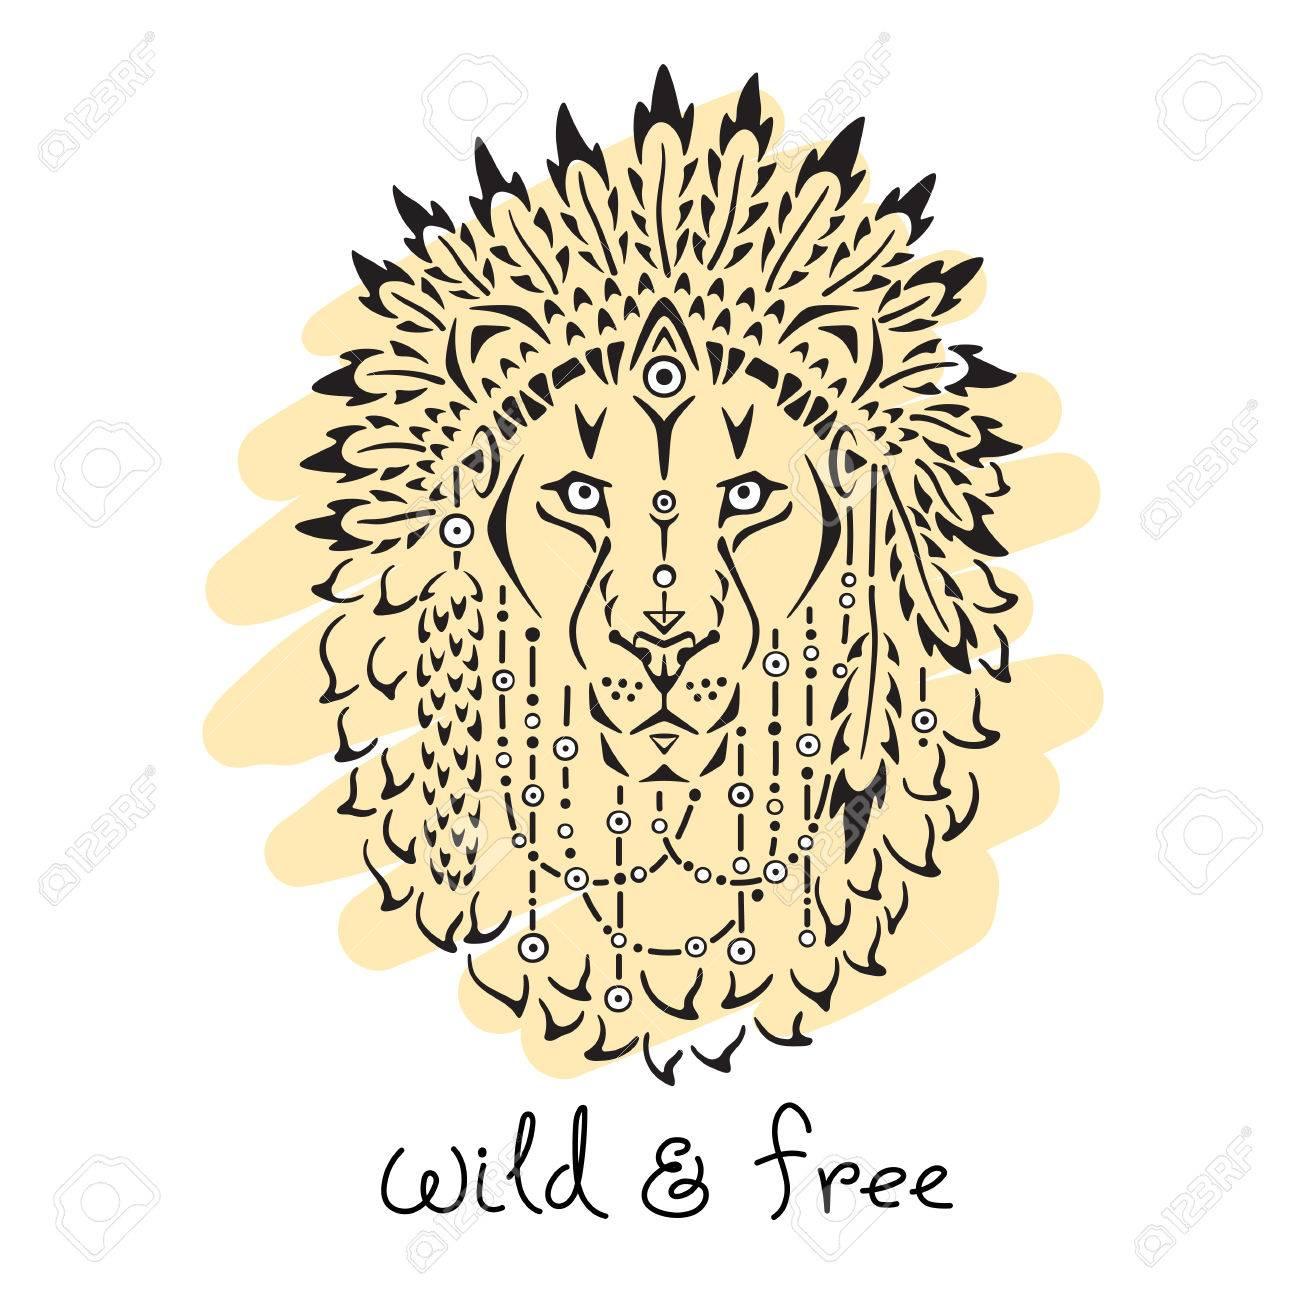 戦争のボンネット、ライオン手描き動物イラスト、ネイティブ アメリカン